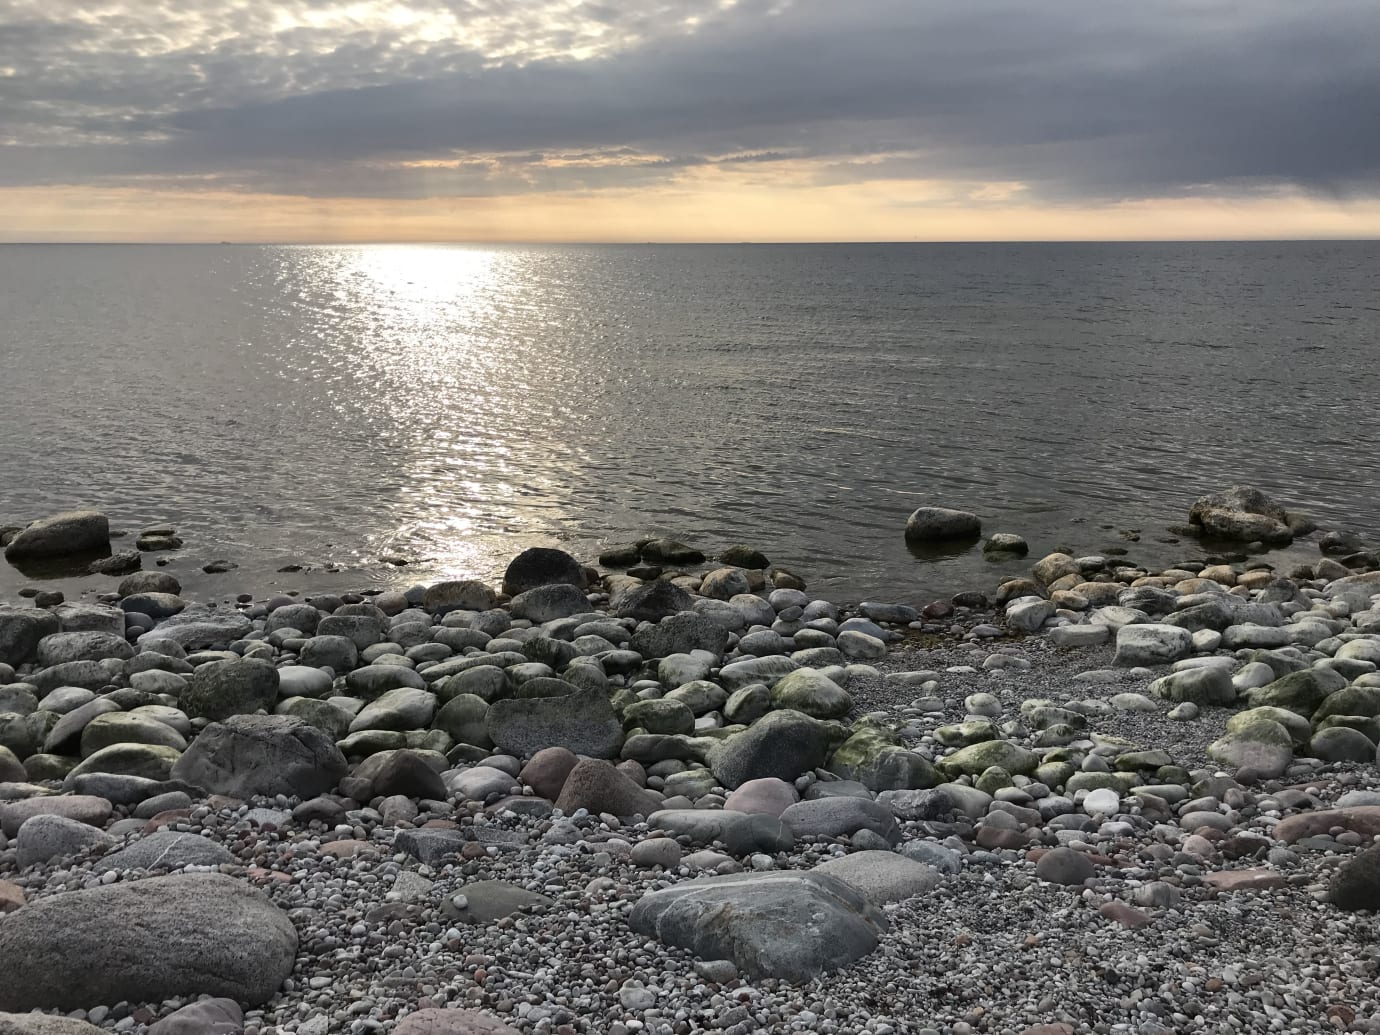 Sverige har haft en ineffektiv miljöpolitik för Östersjön jämfört med andra länder